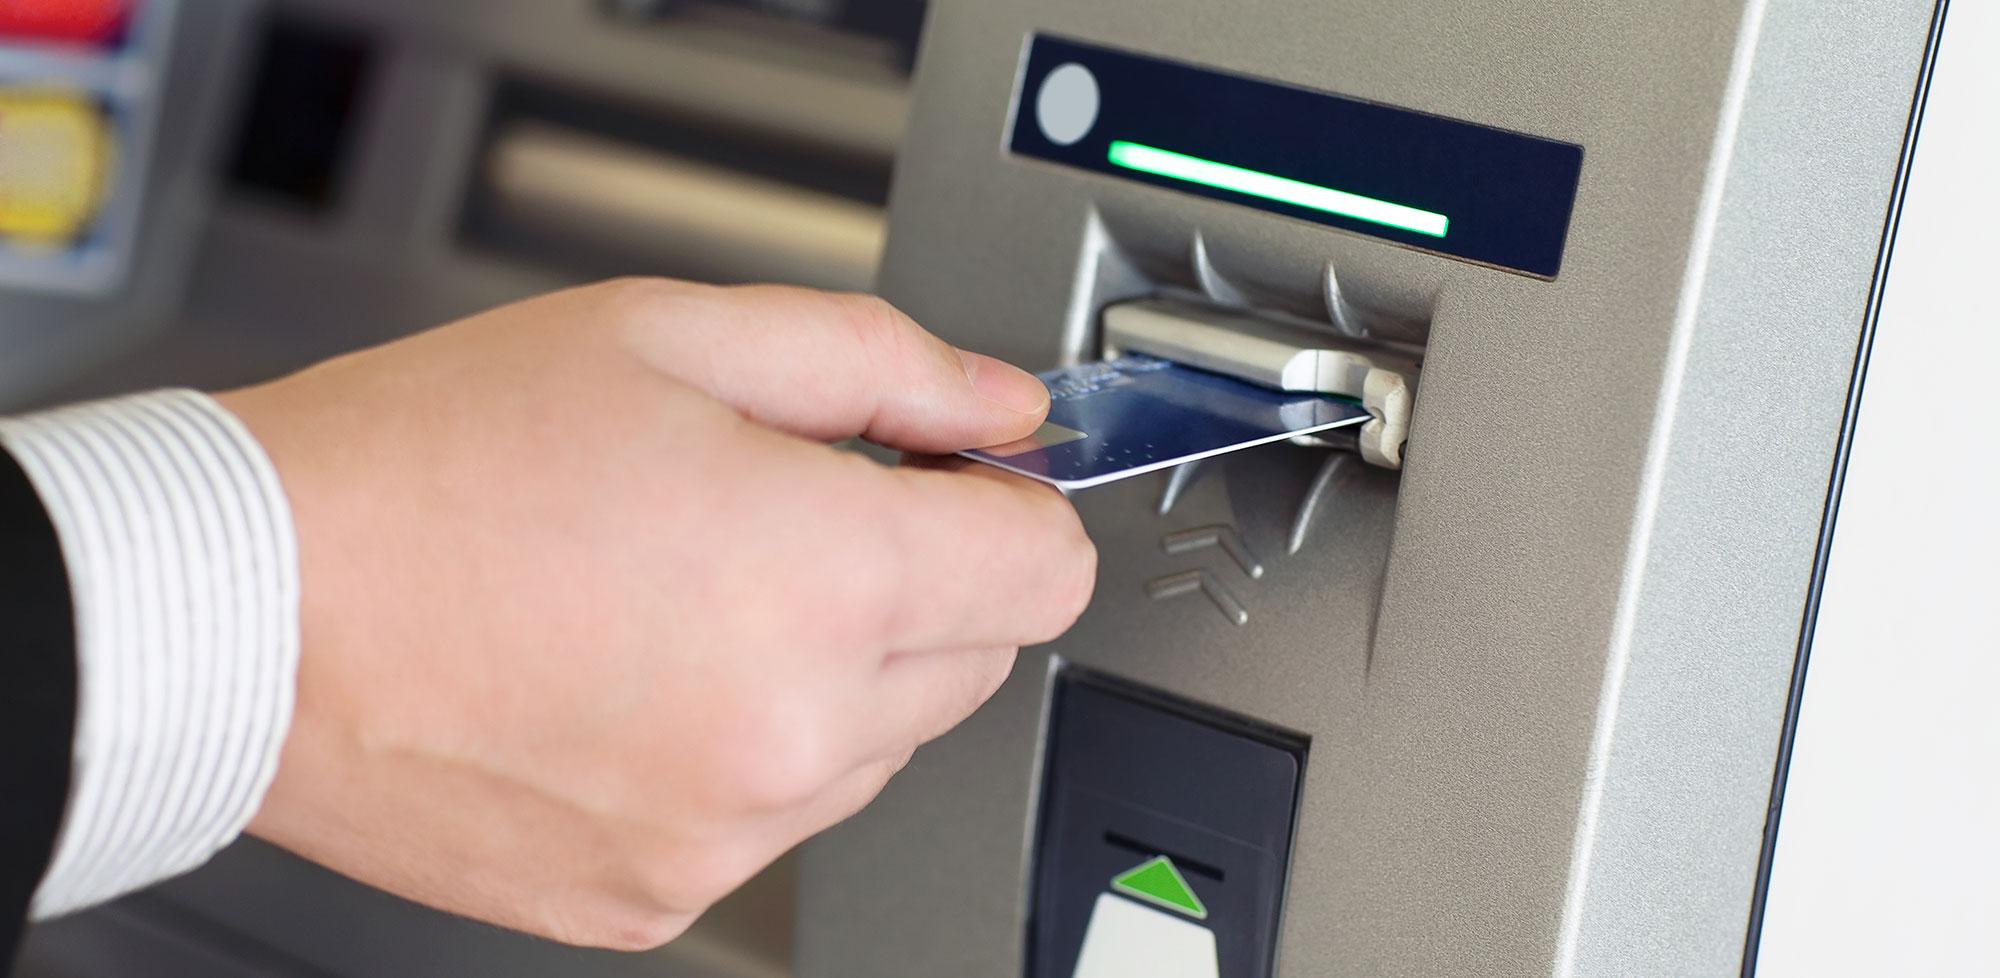 Aksaray'da ATM dolandırıcısı 6 kişi yakalandı